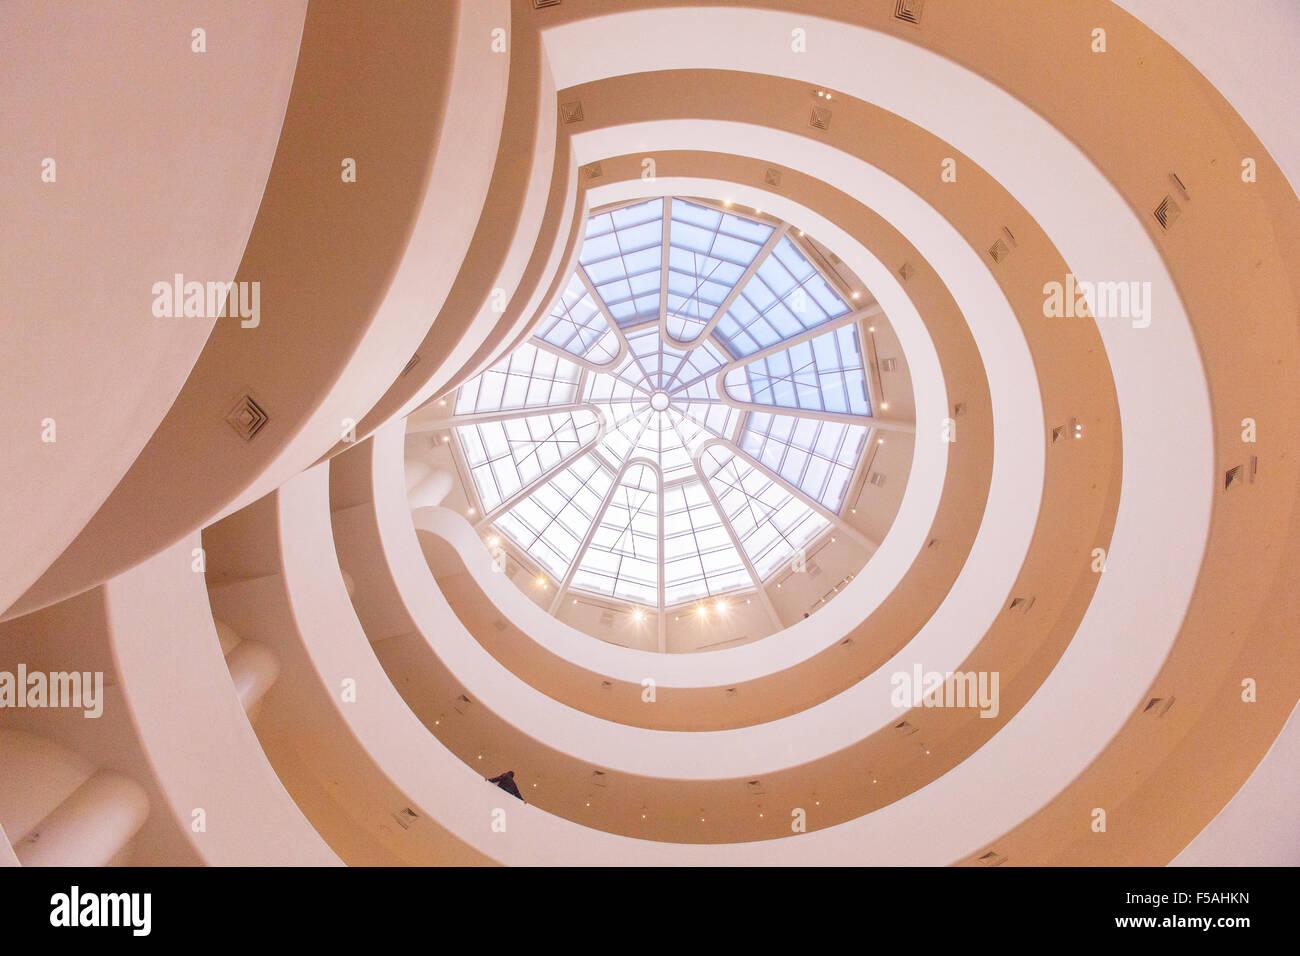 Das Guggenheim Museum in New York City, Vereinigte Staaten von Amerika. Von Frank Lloyd Wright entworfen. Stockbild